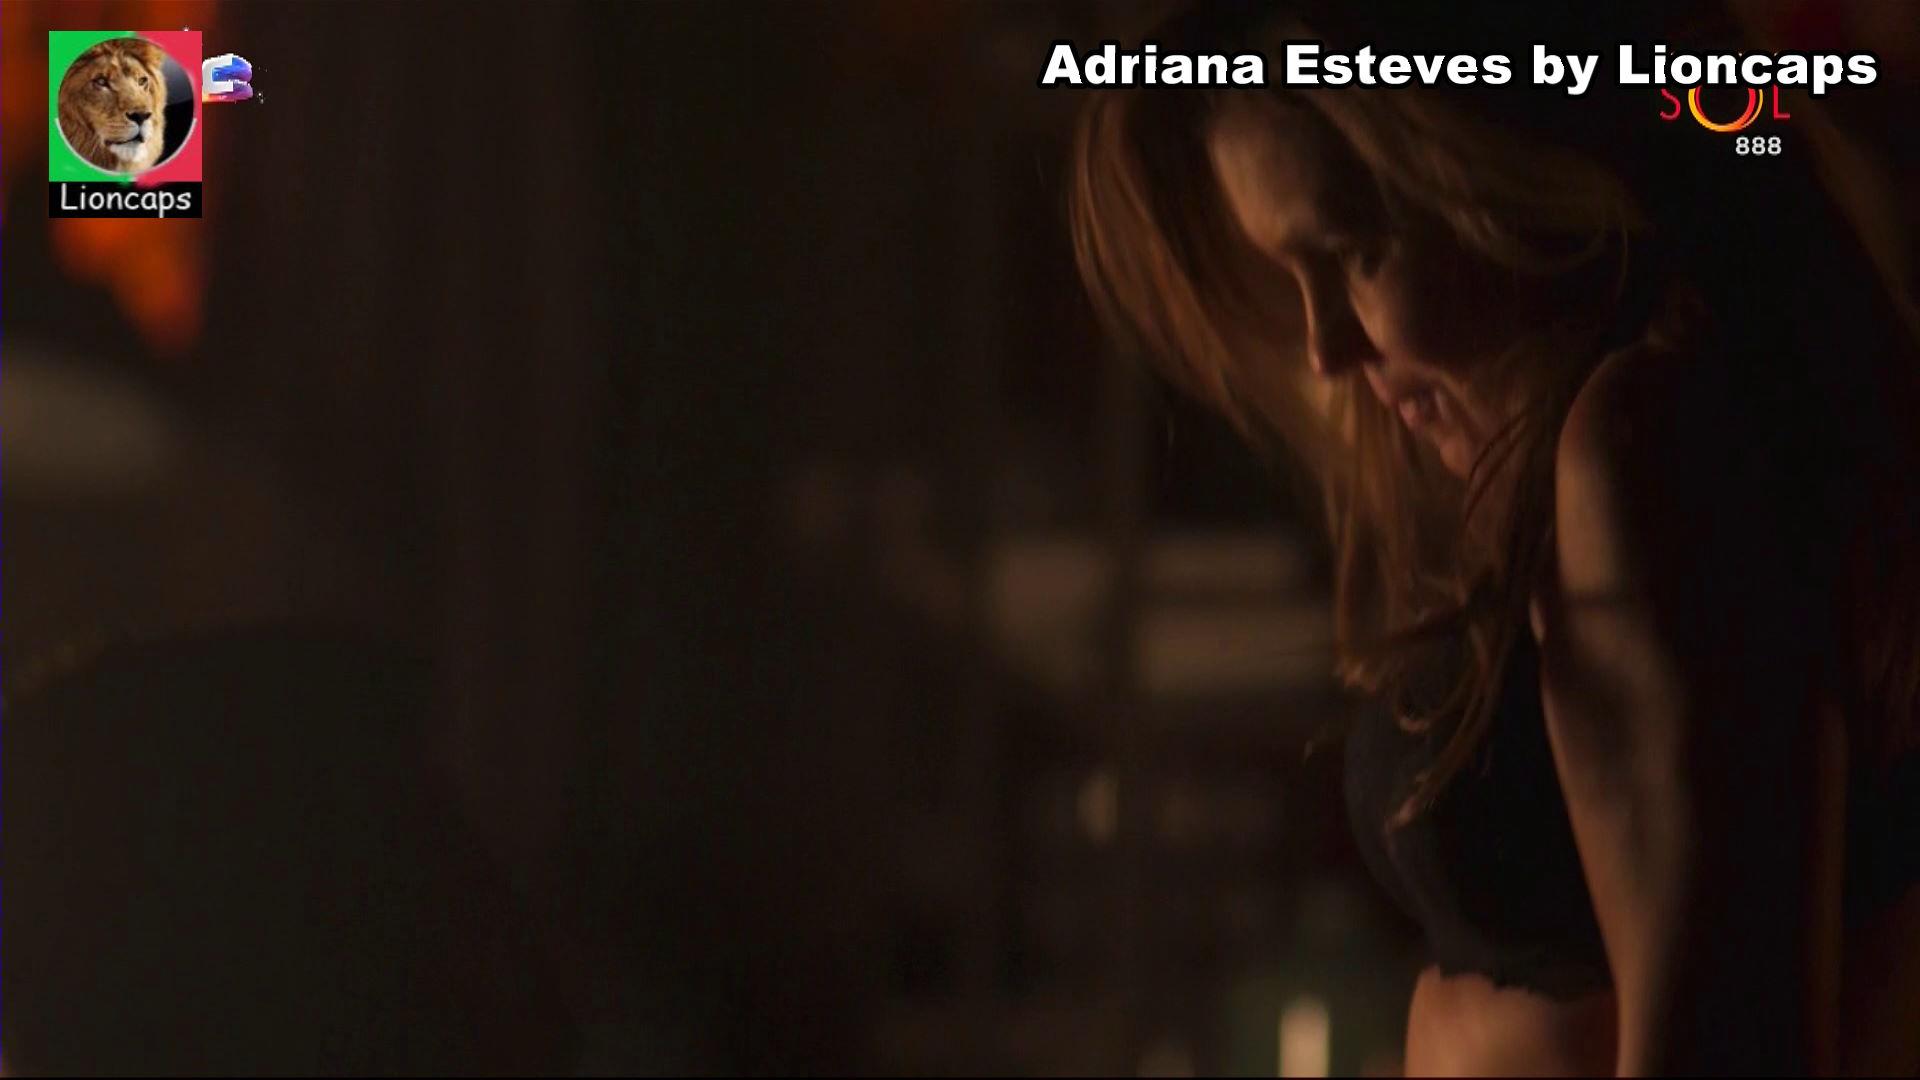 796728613_adriana_esteves_segundo_vs190305_1281_122_246lo.JPG